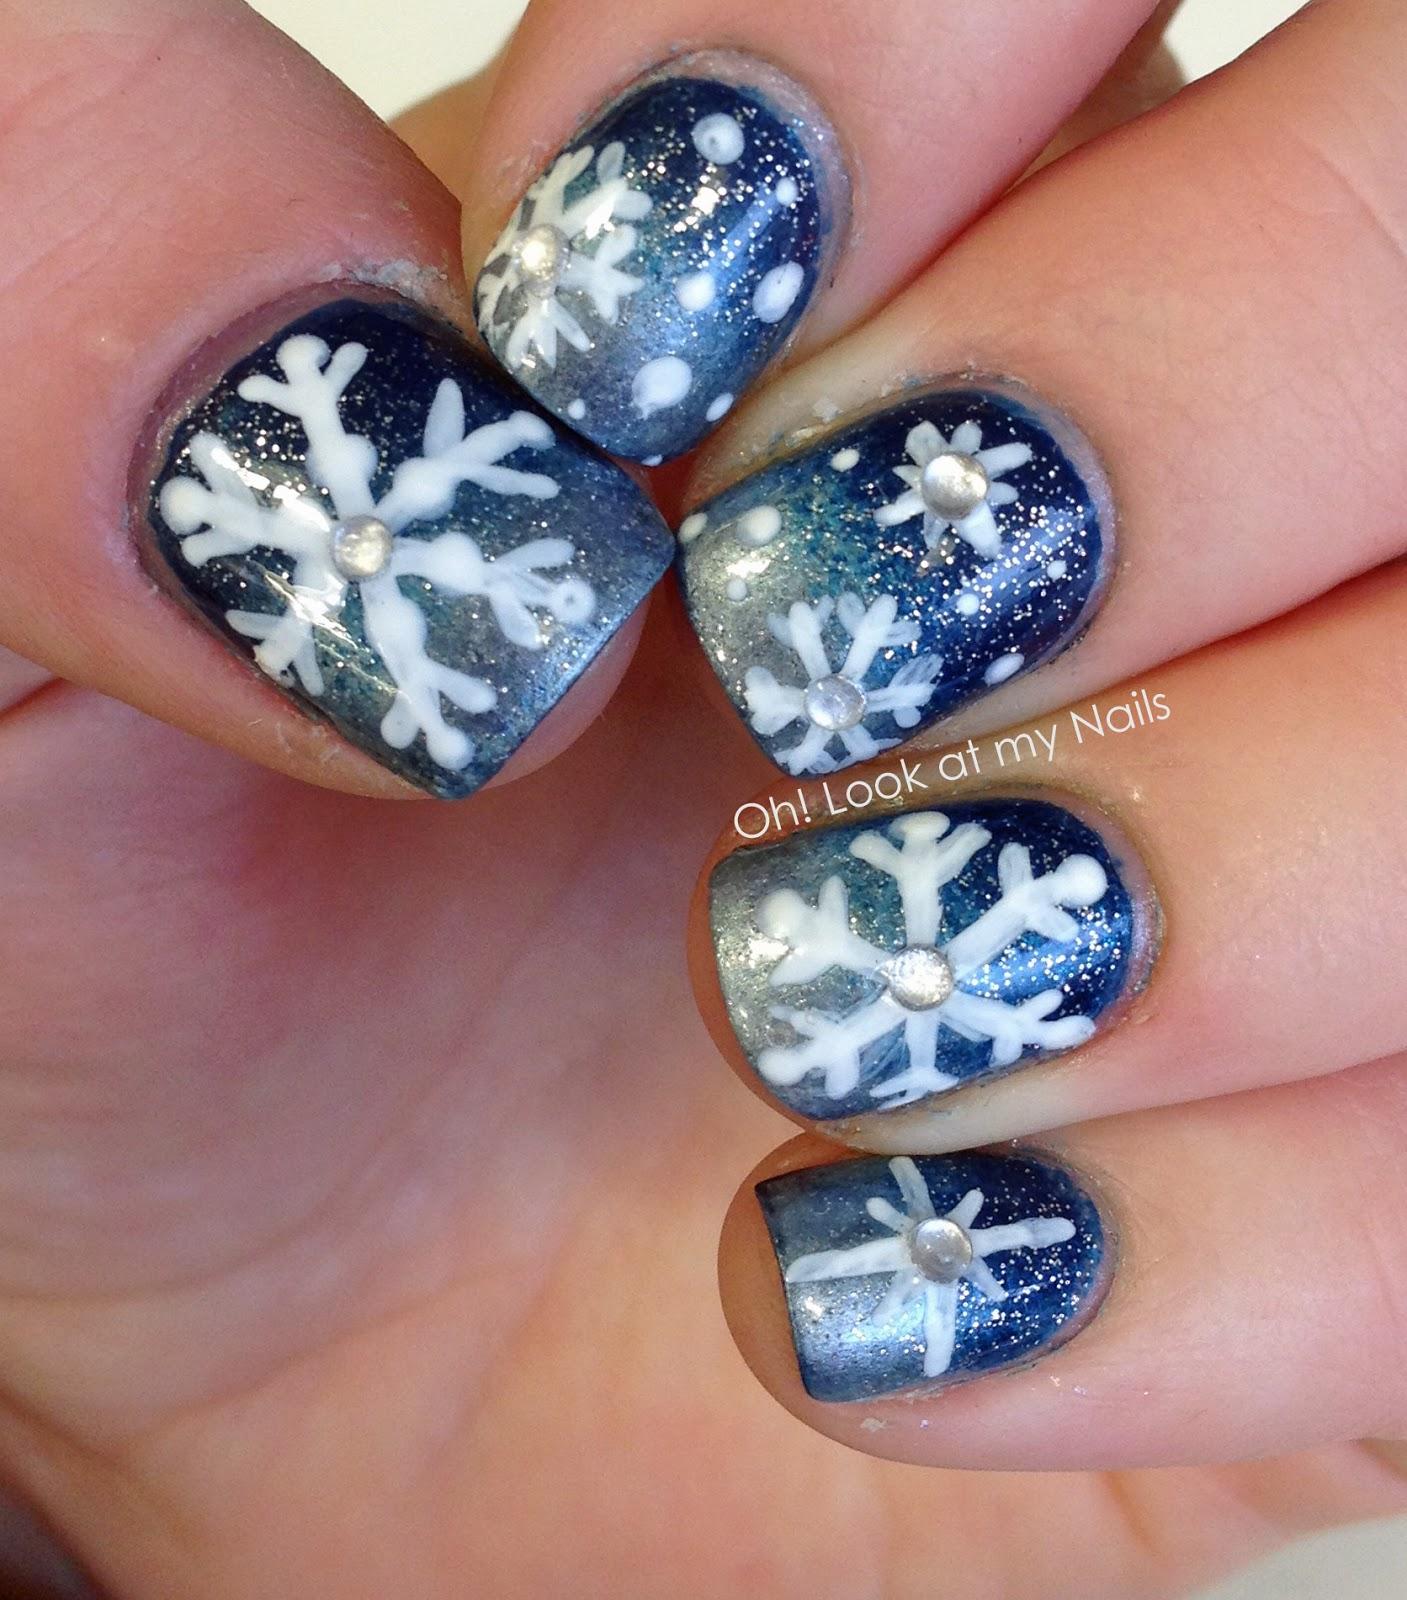 Winter Nail Art: Oh! Look At My Nails: Snowflake Nail Art